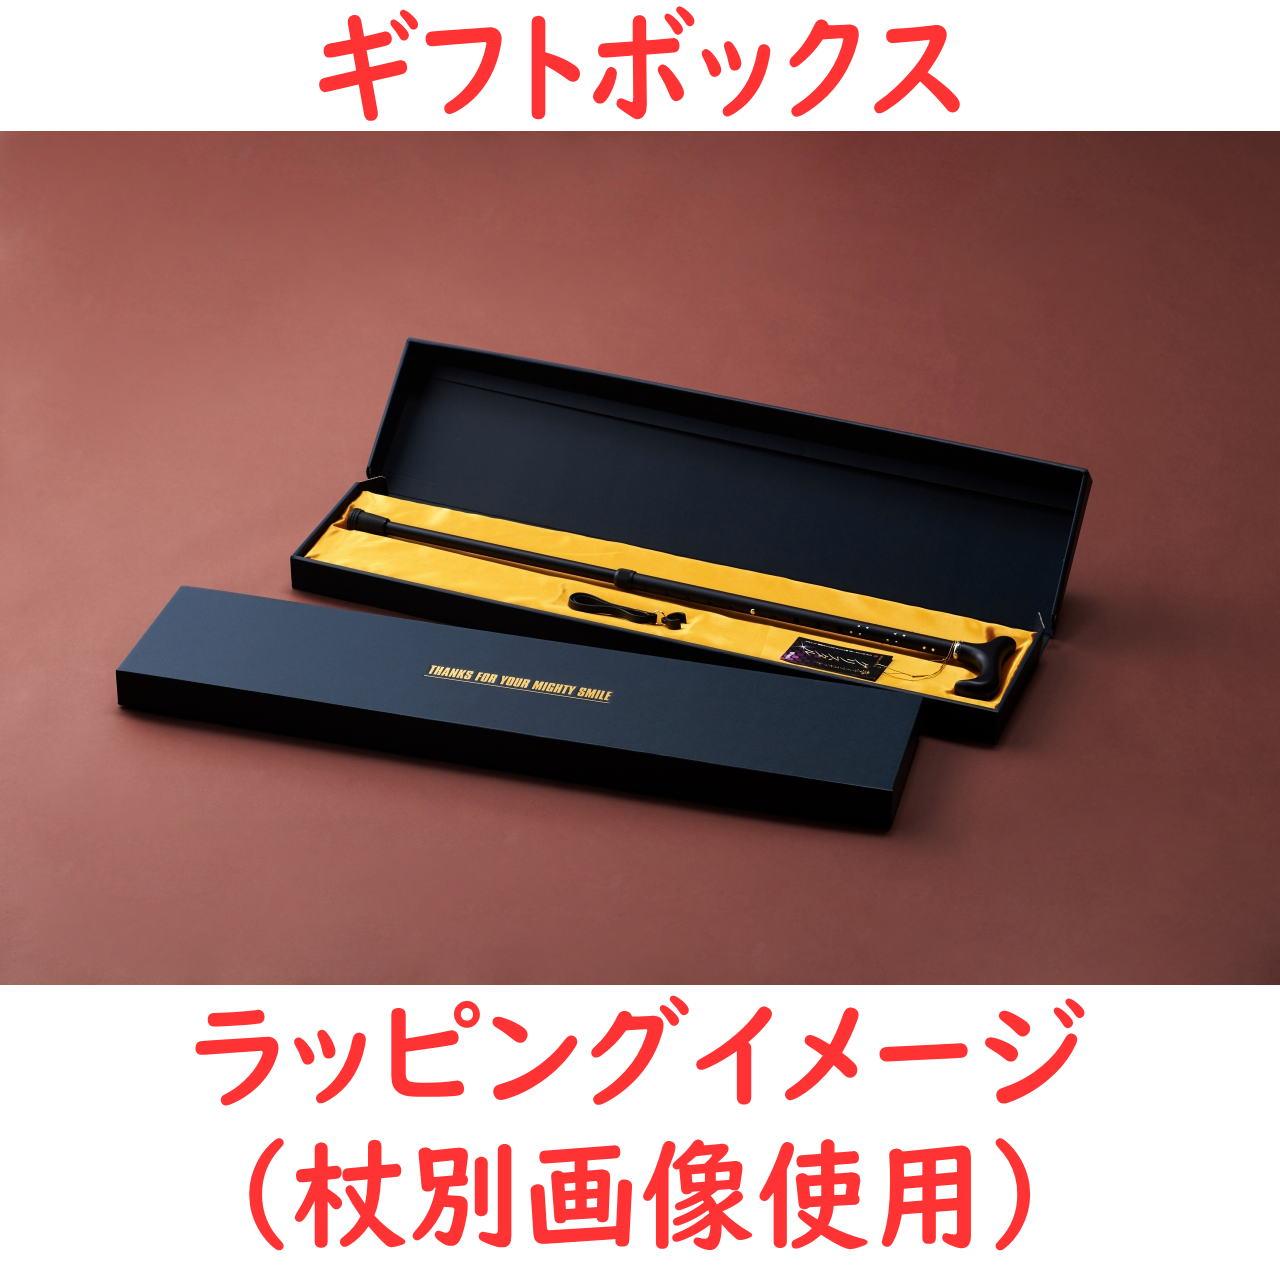 ☆ギフトボックス可☆ 夢ライフステッキ 柄杖伸縮型(スリムタイプ) 花シルバー